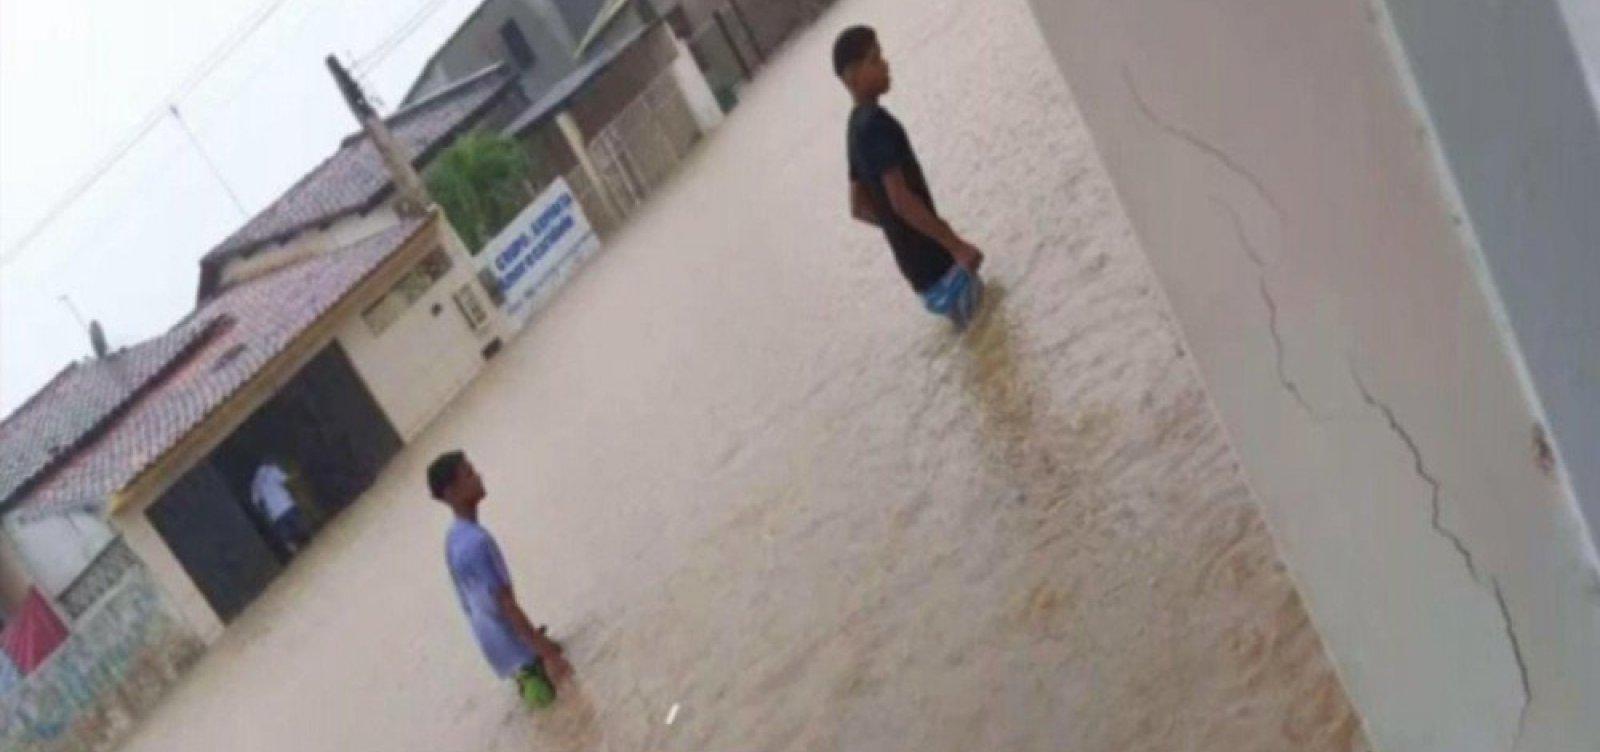 [Prefeitura declara estado de emergência após chuvas em São Sebastião do Passé]